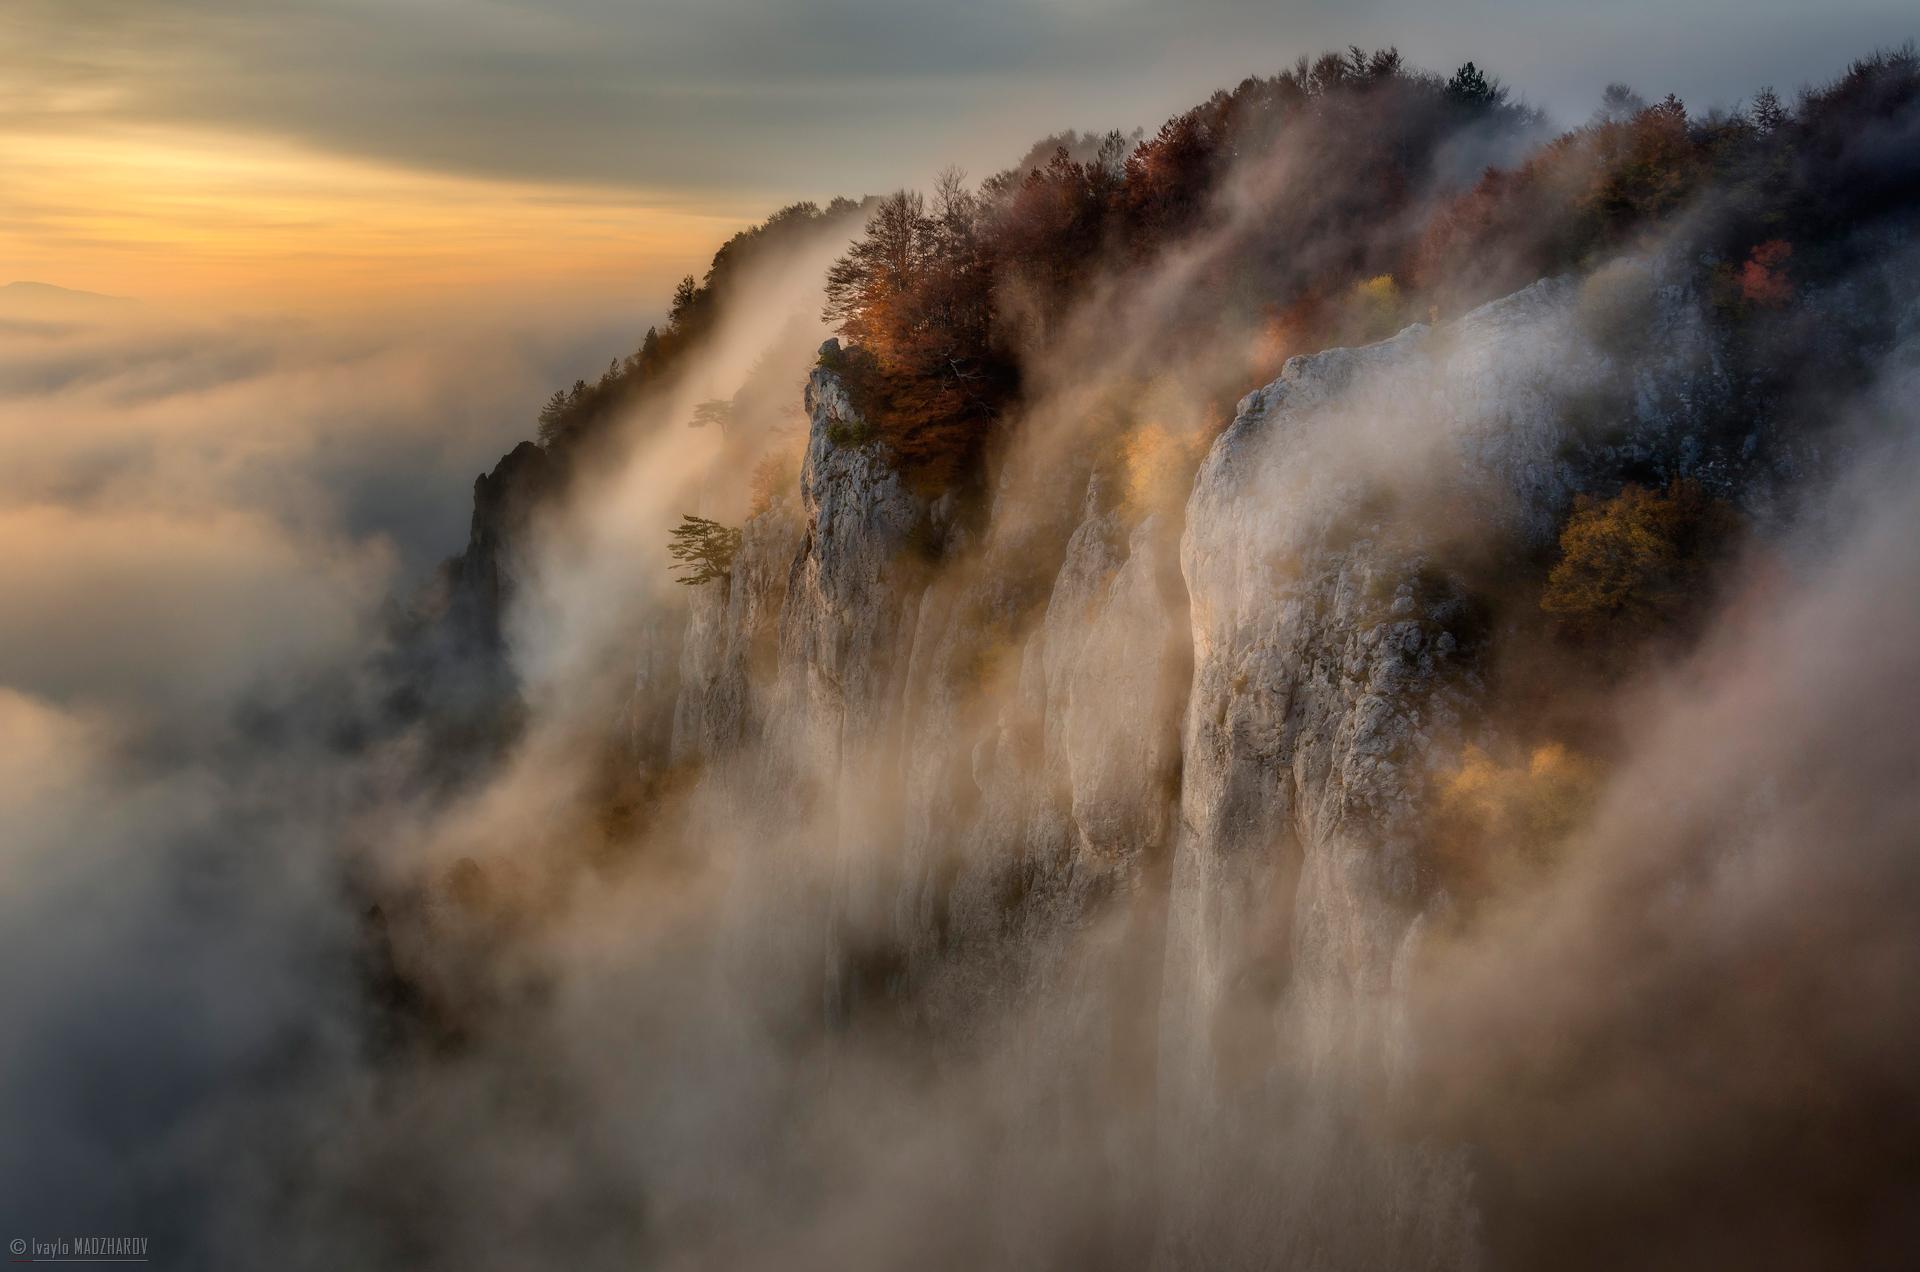 Облачни водопади се изливат в резерват Червената стена, Родопите от Ивайло Маджаров - AirPower